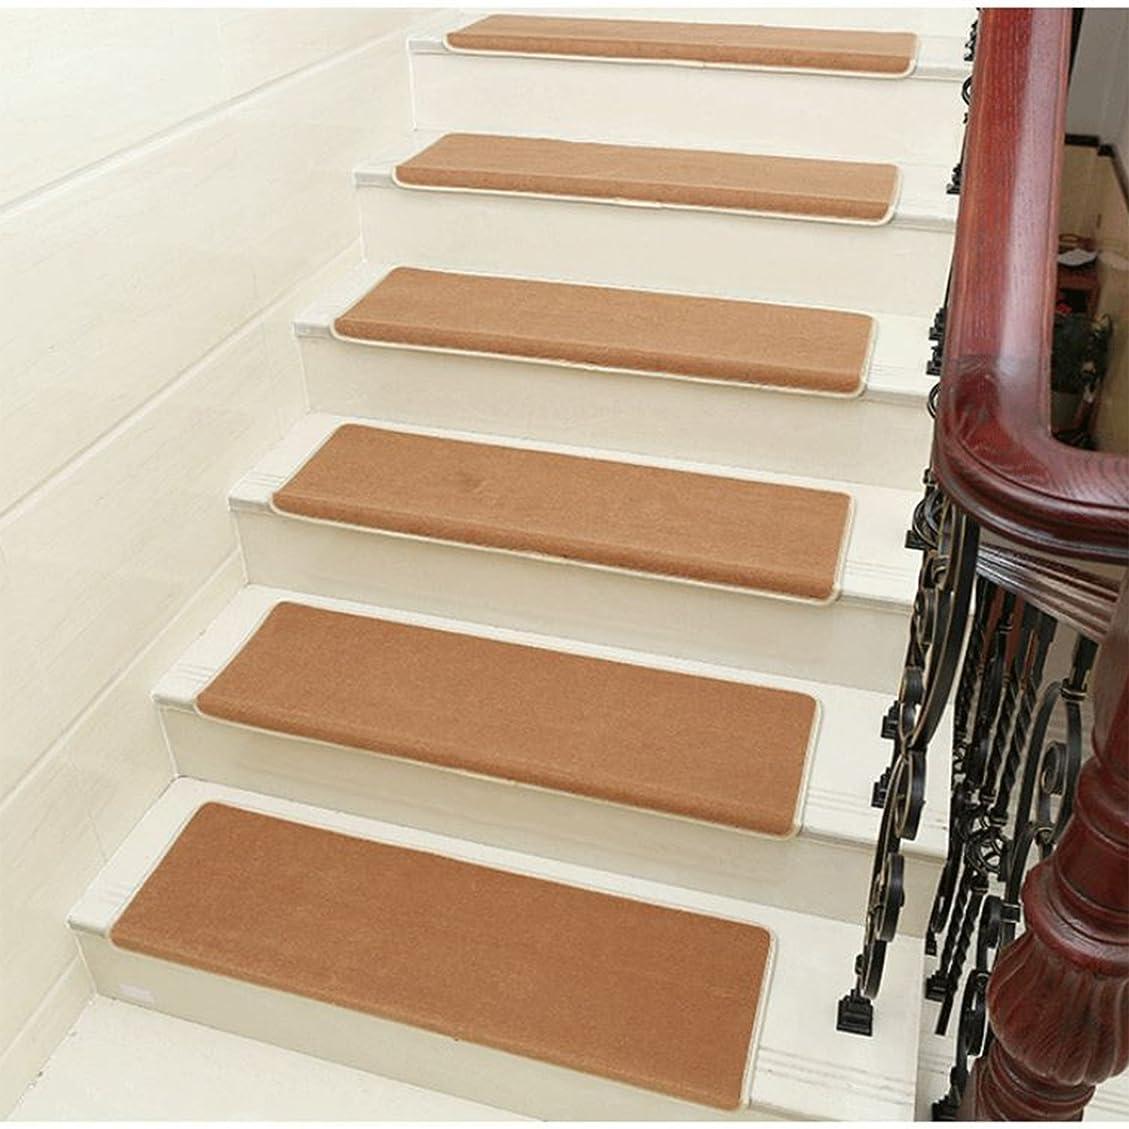 発掘幾何学あえてKURASHI 階段マット 滑り止め 折り曲げ付 防音 シンプル モダン調 15枚セット